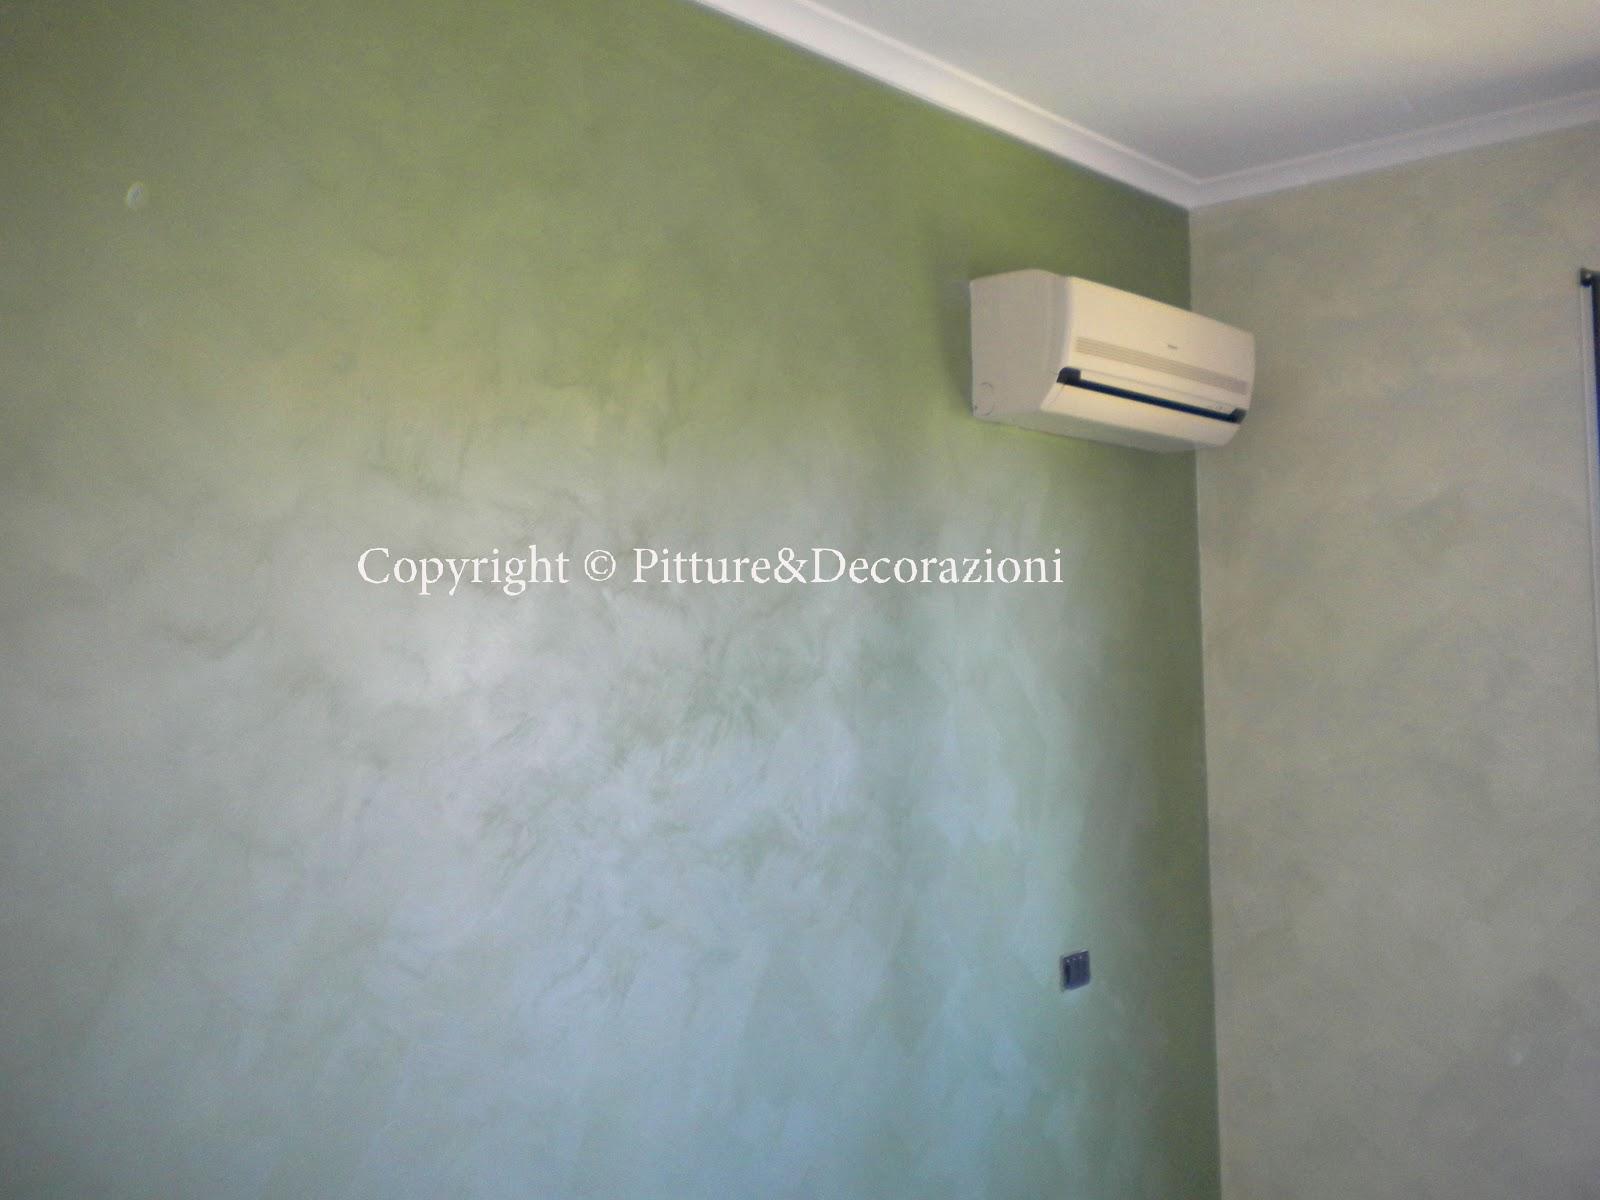 Pitture decorazioni gioia - Decorare pareti camera ...